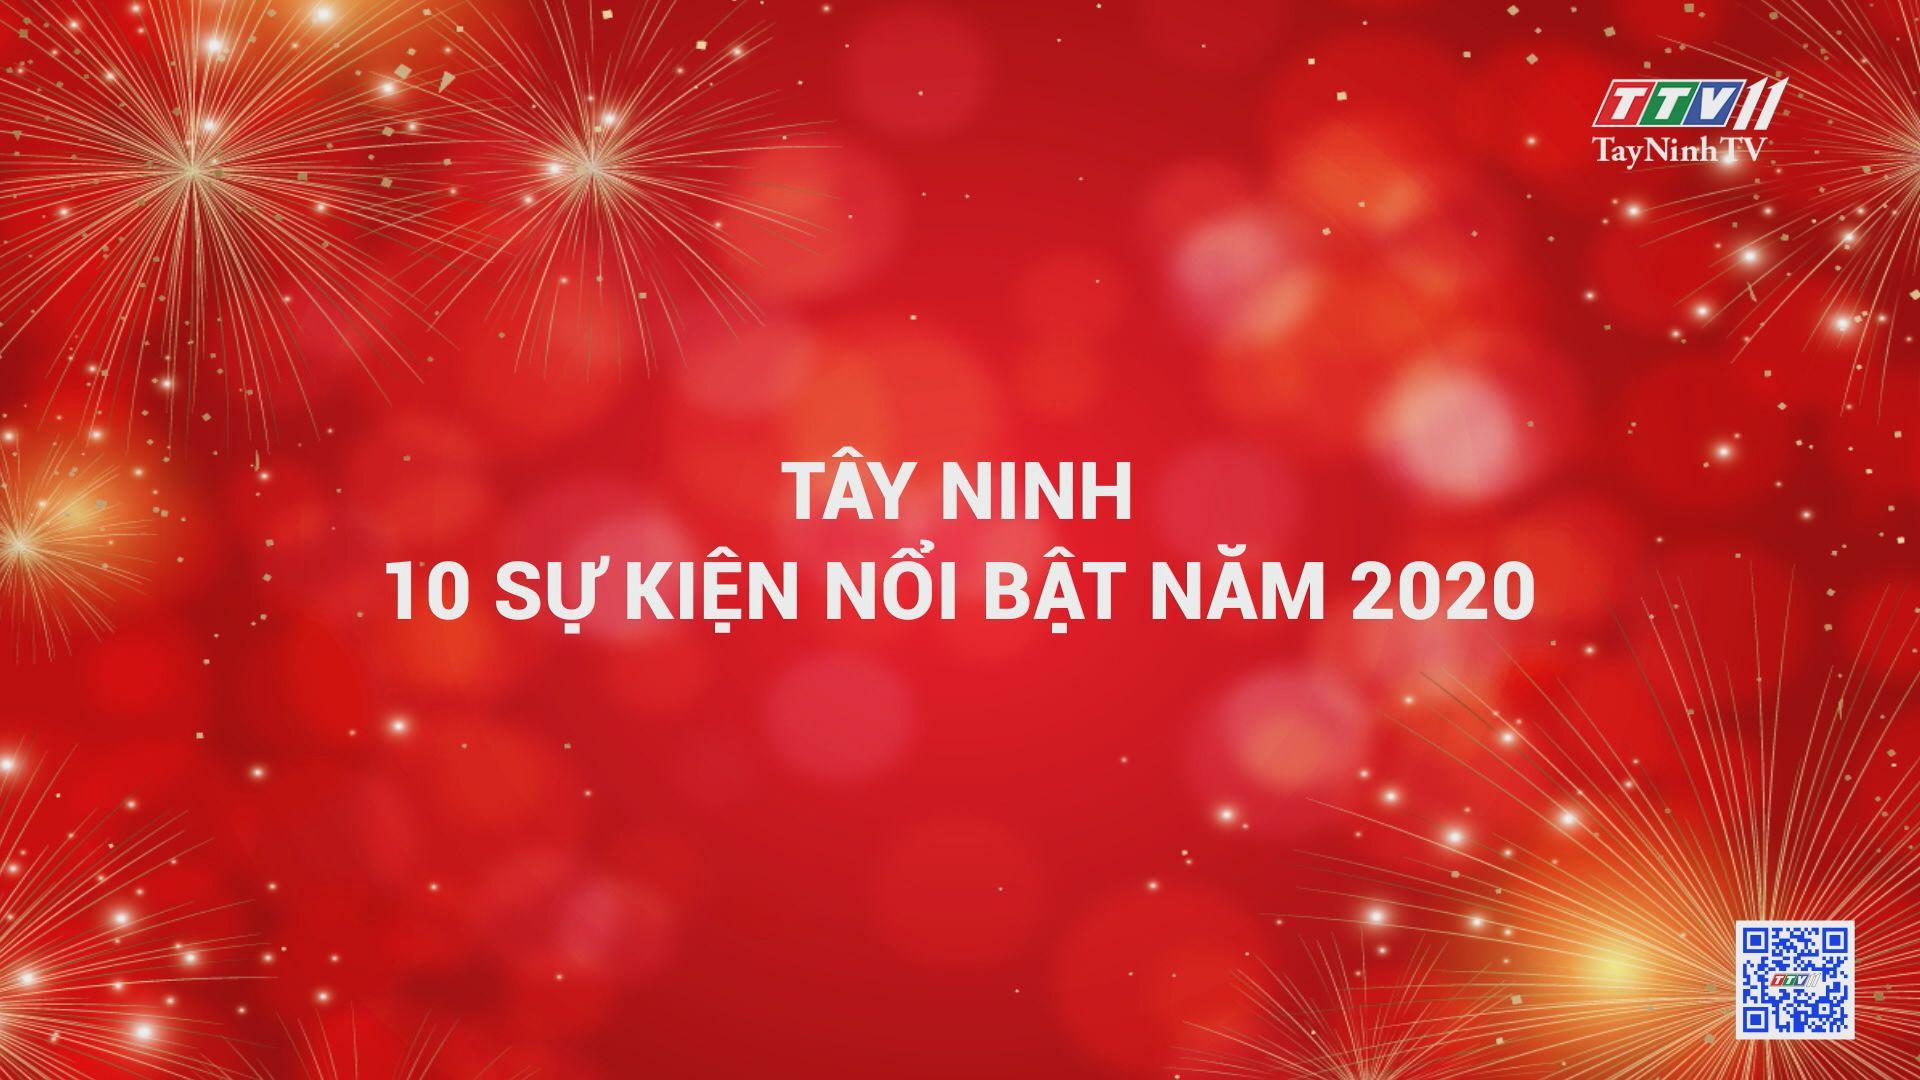 Tây Ninh, 10 sự kiện nổi bật năm 2020 | TayNinhTV